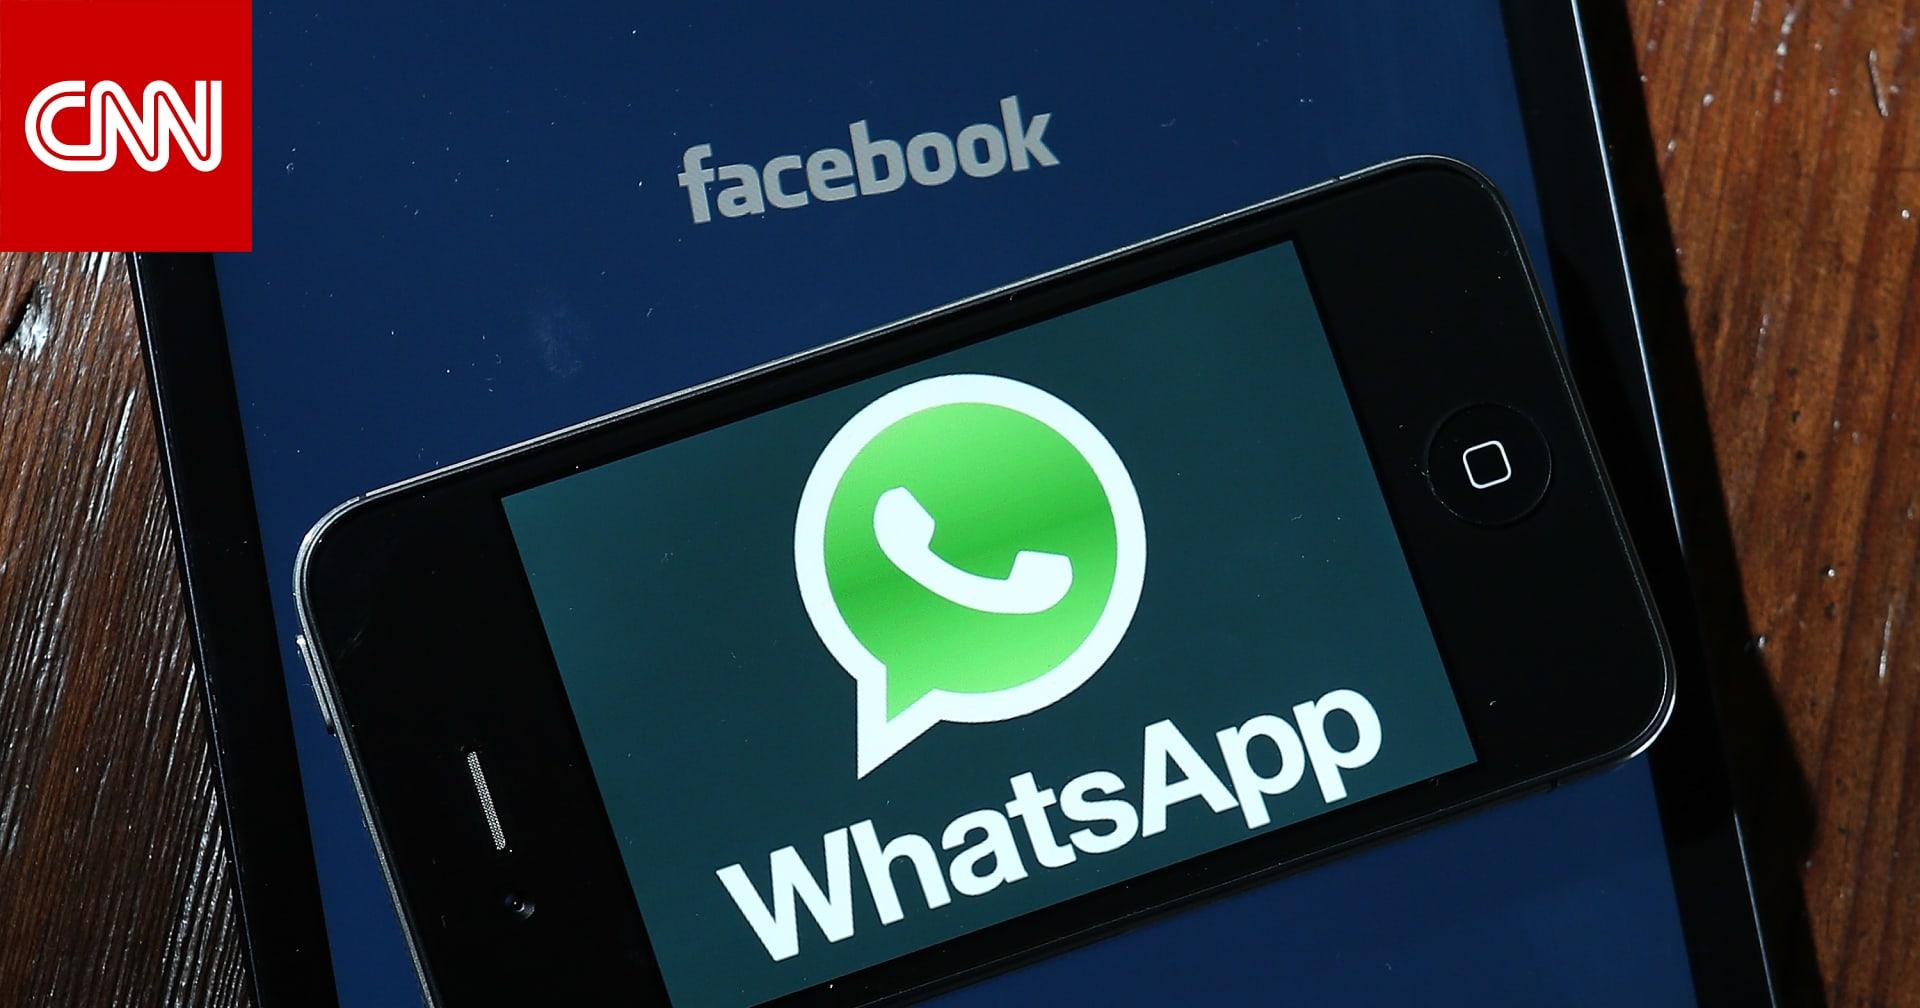 """واتساب تقاضي حكومة الهند لوقف تنفيذ قواعد جديدة ستؤدي لـ""""مراقبة جماعية"""" لمستخدميها"""